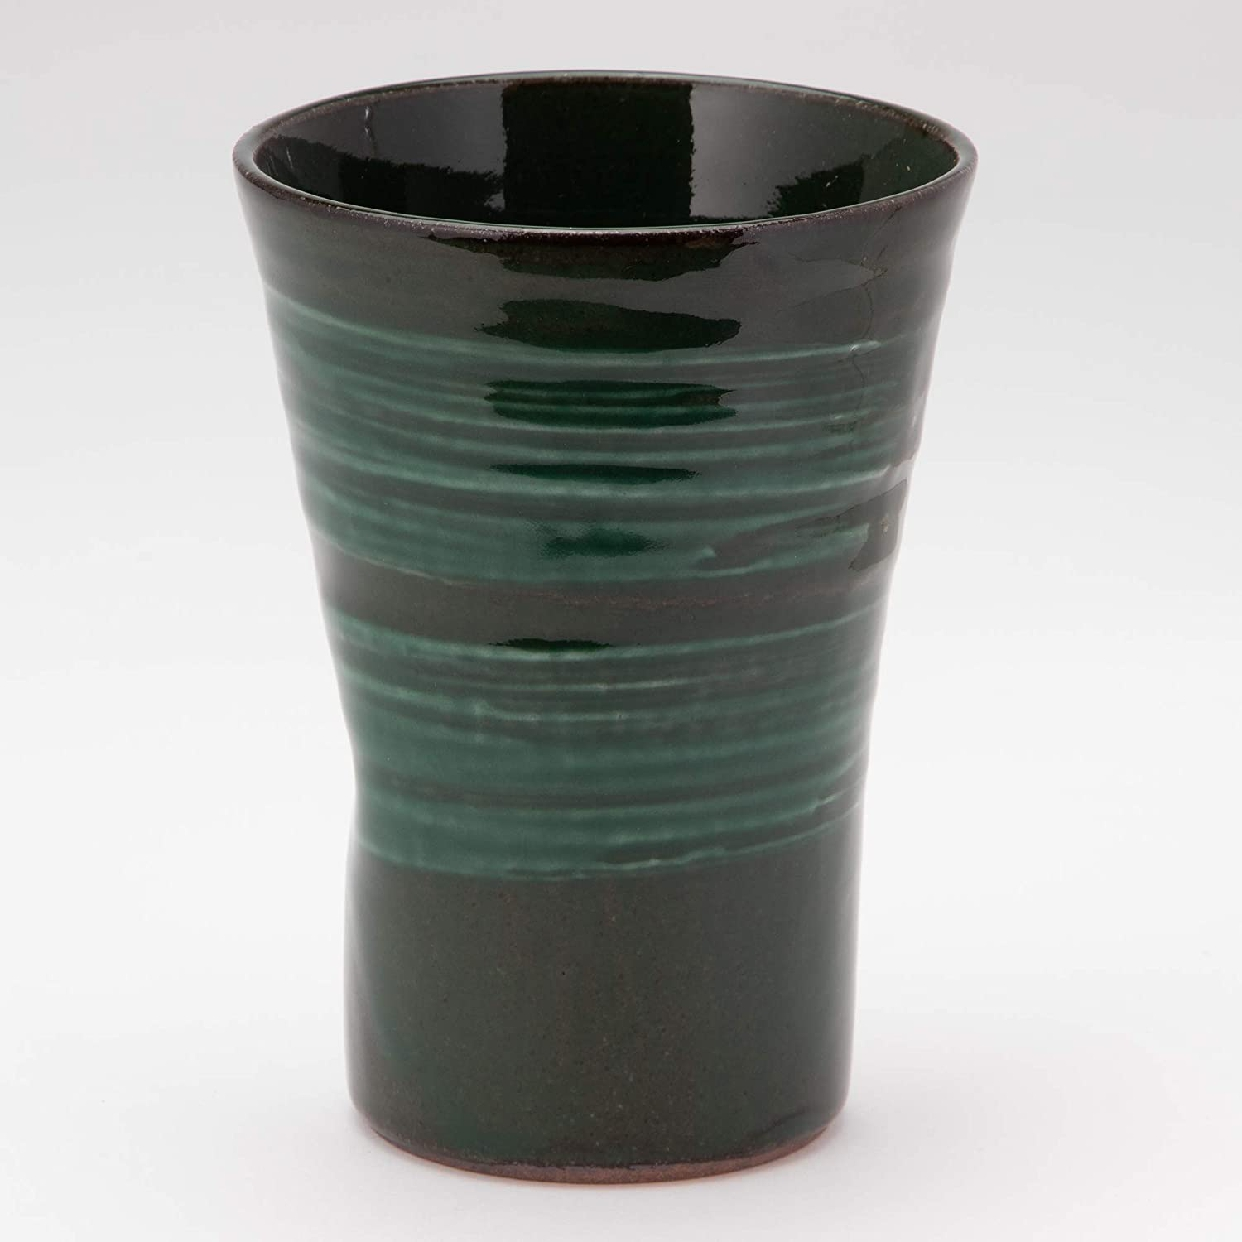 MINO CRAFT. 持ち易い焼酎カップ エメラルド K51148の商品画像2